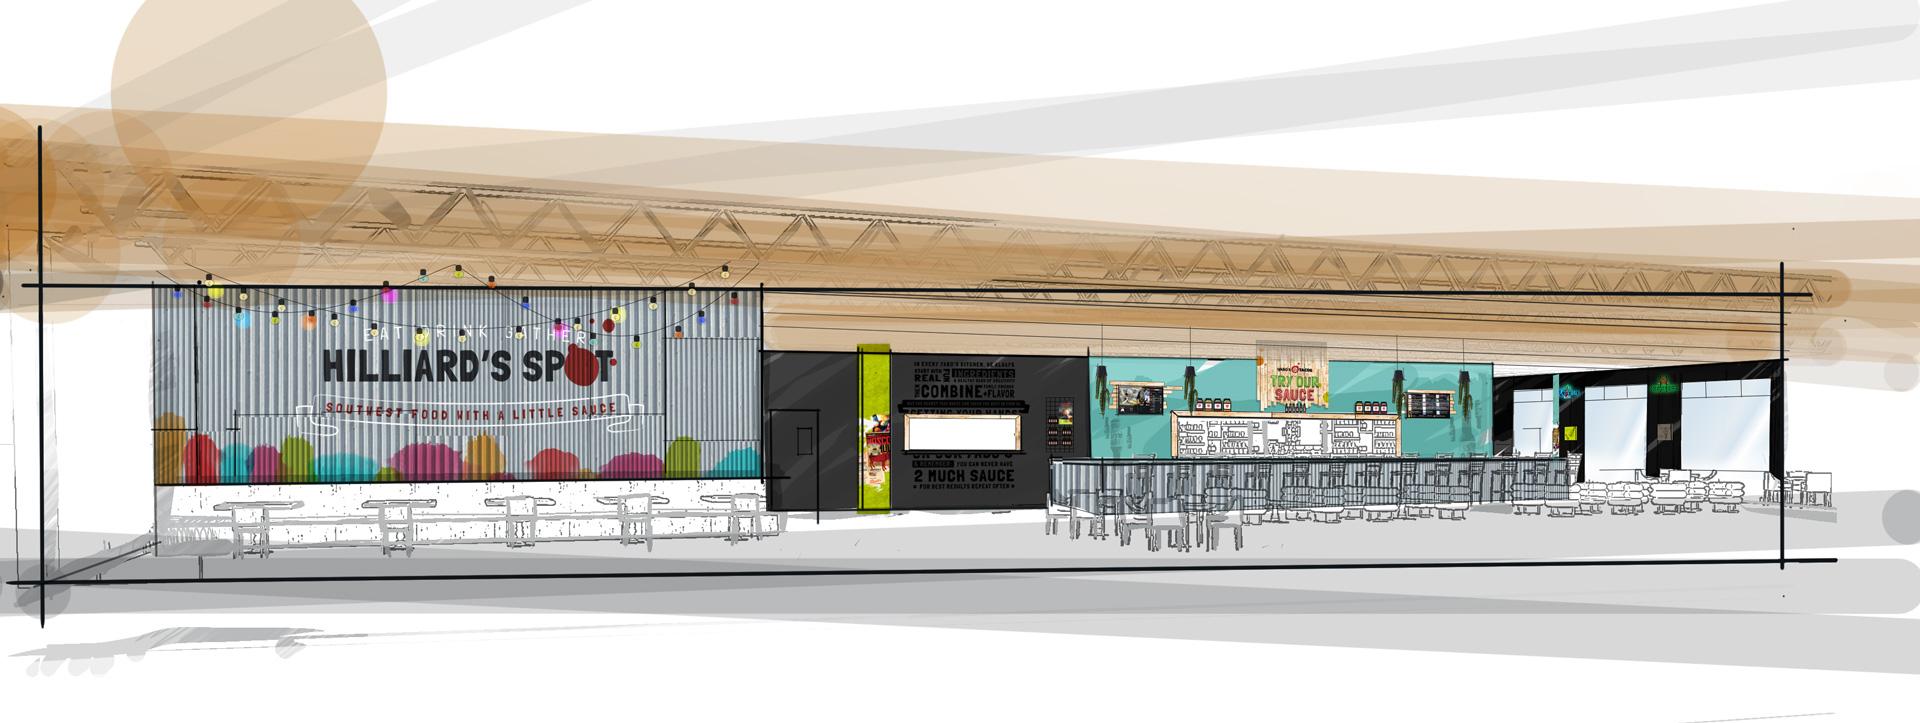 Yabos-Branding-Restaurant-Design-1.jpg